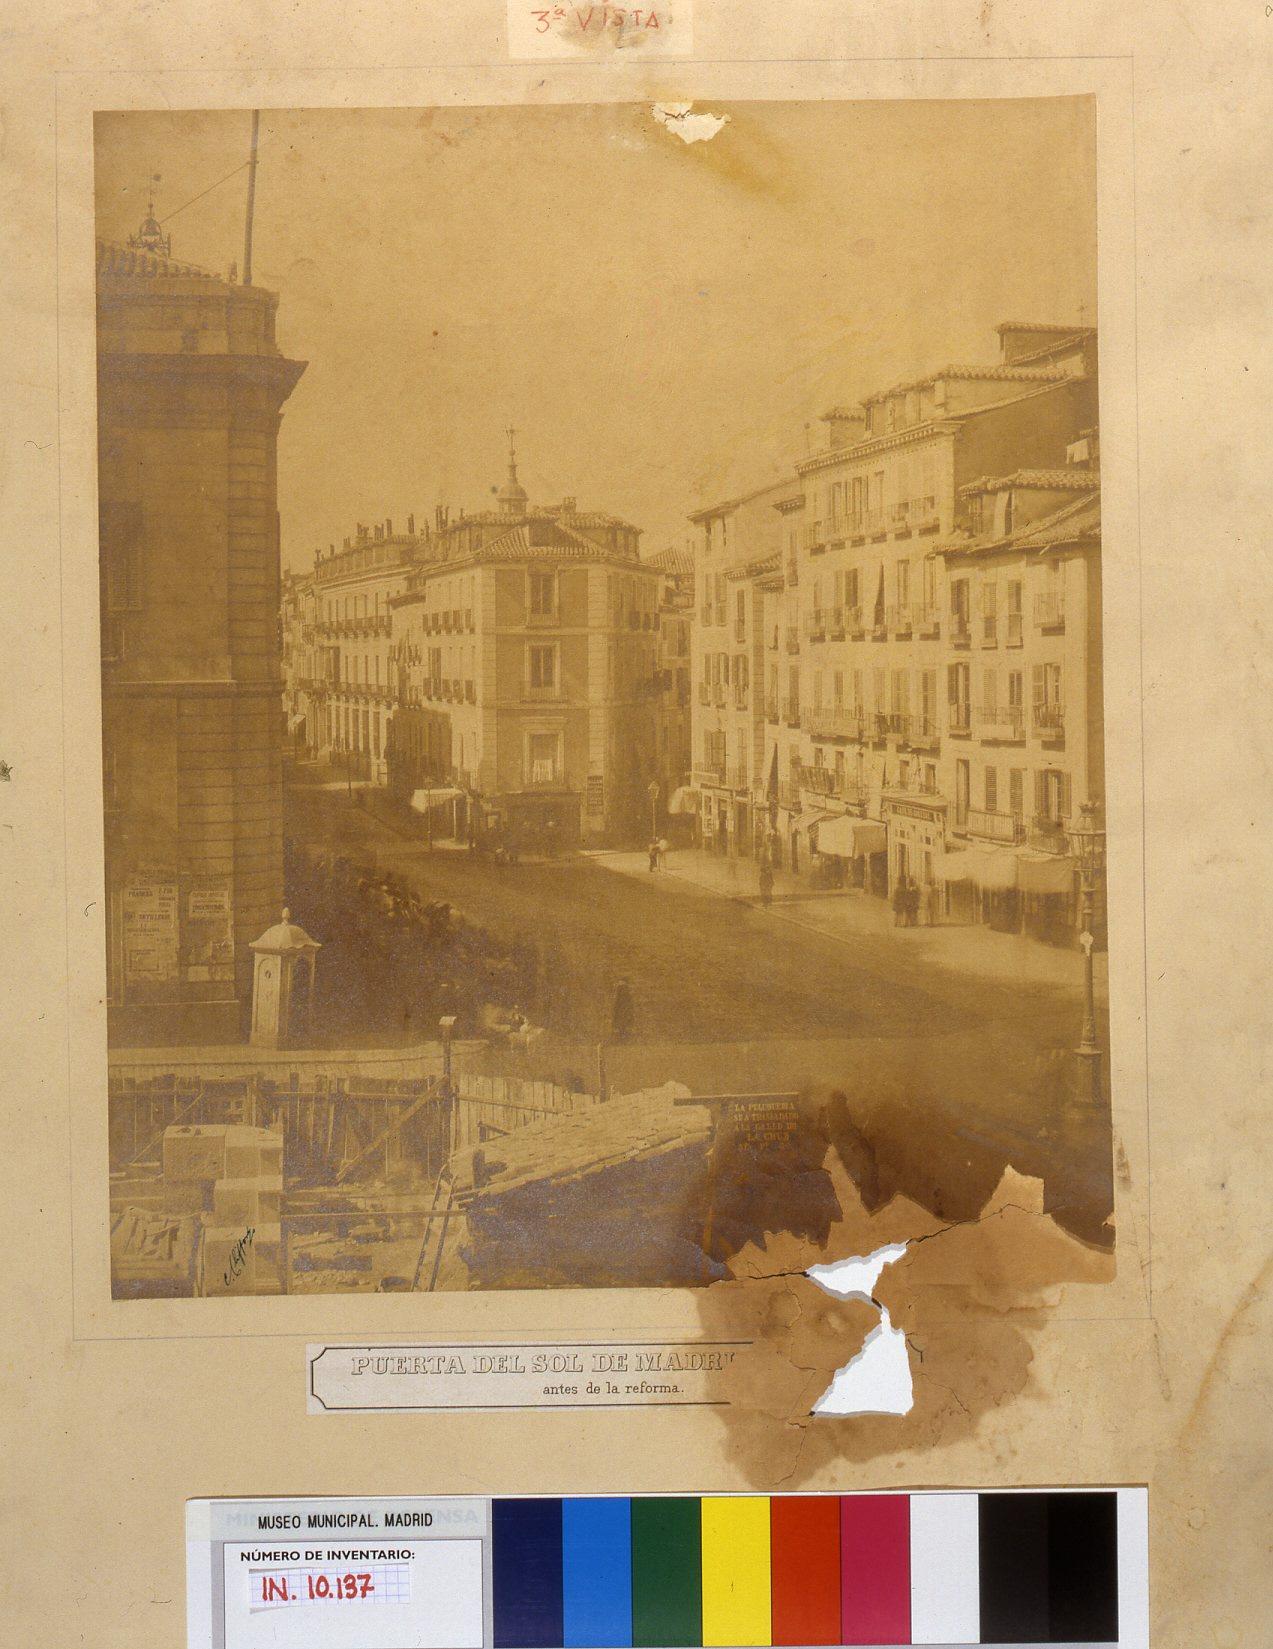 Puerta del Sol antes de la reforma